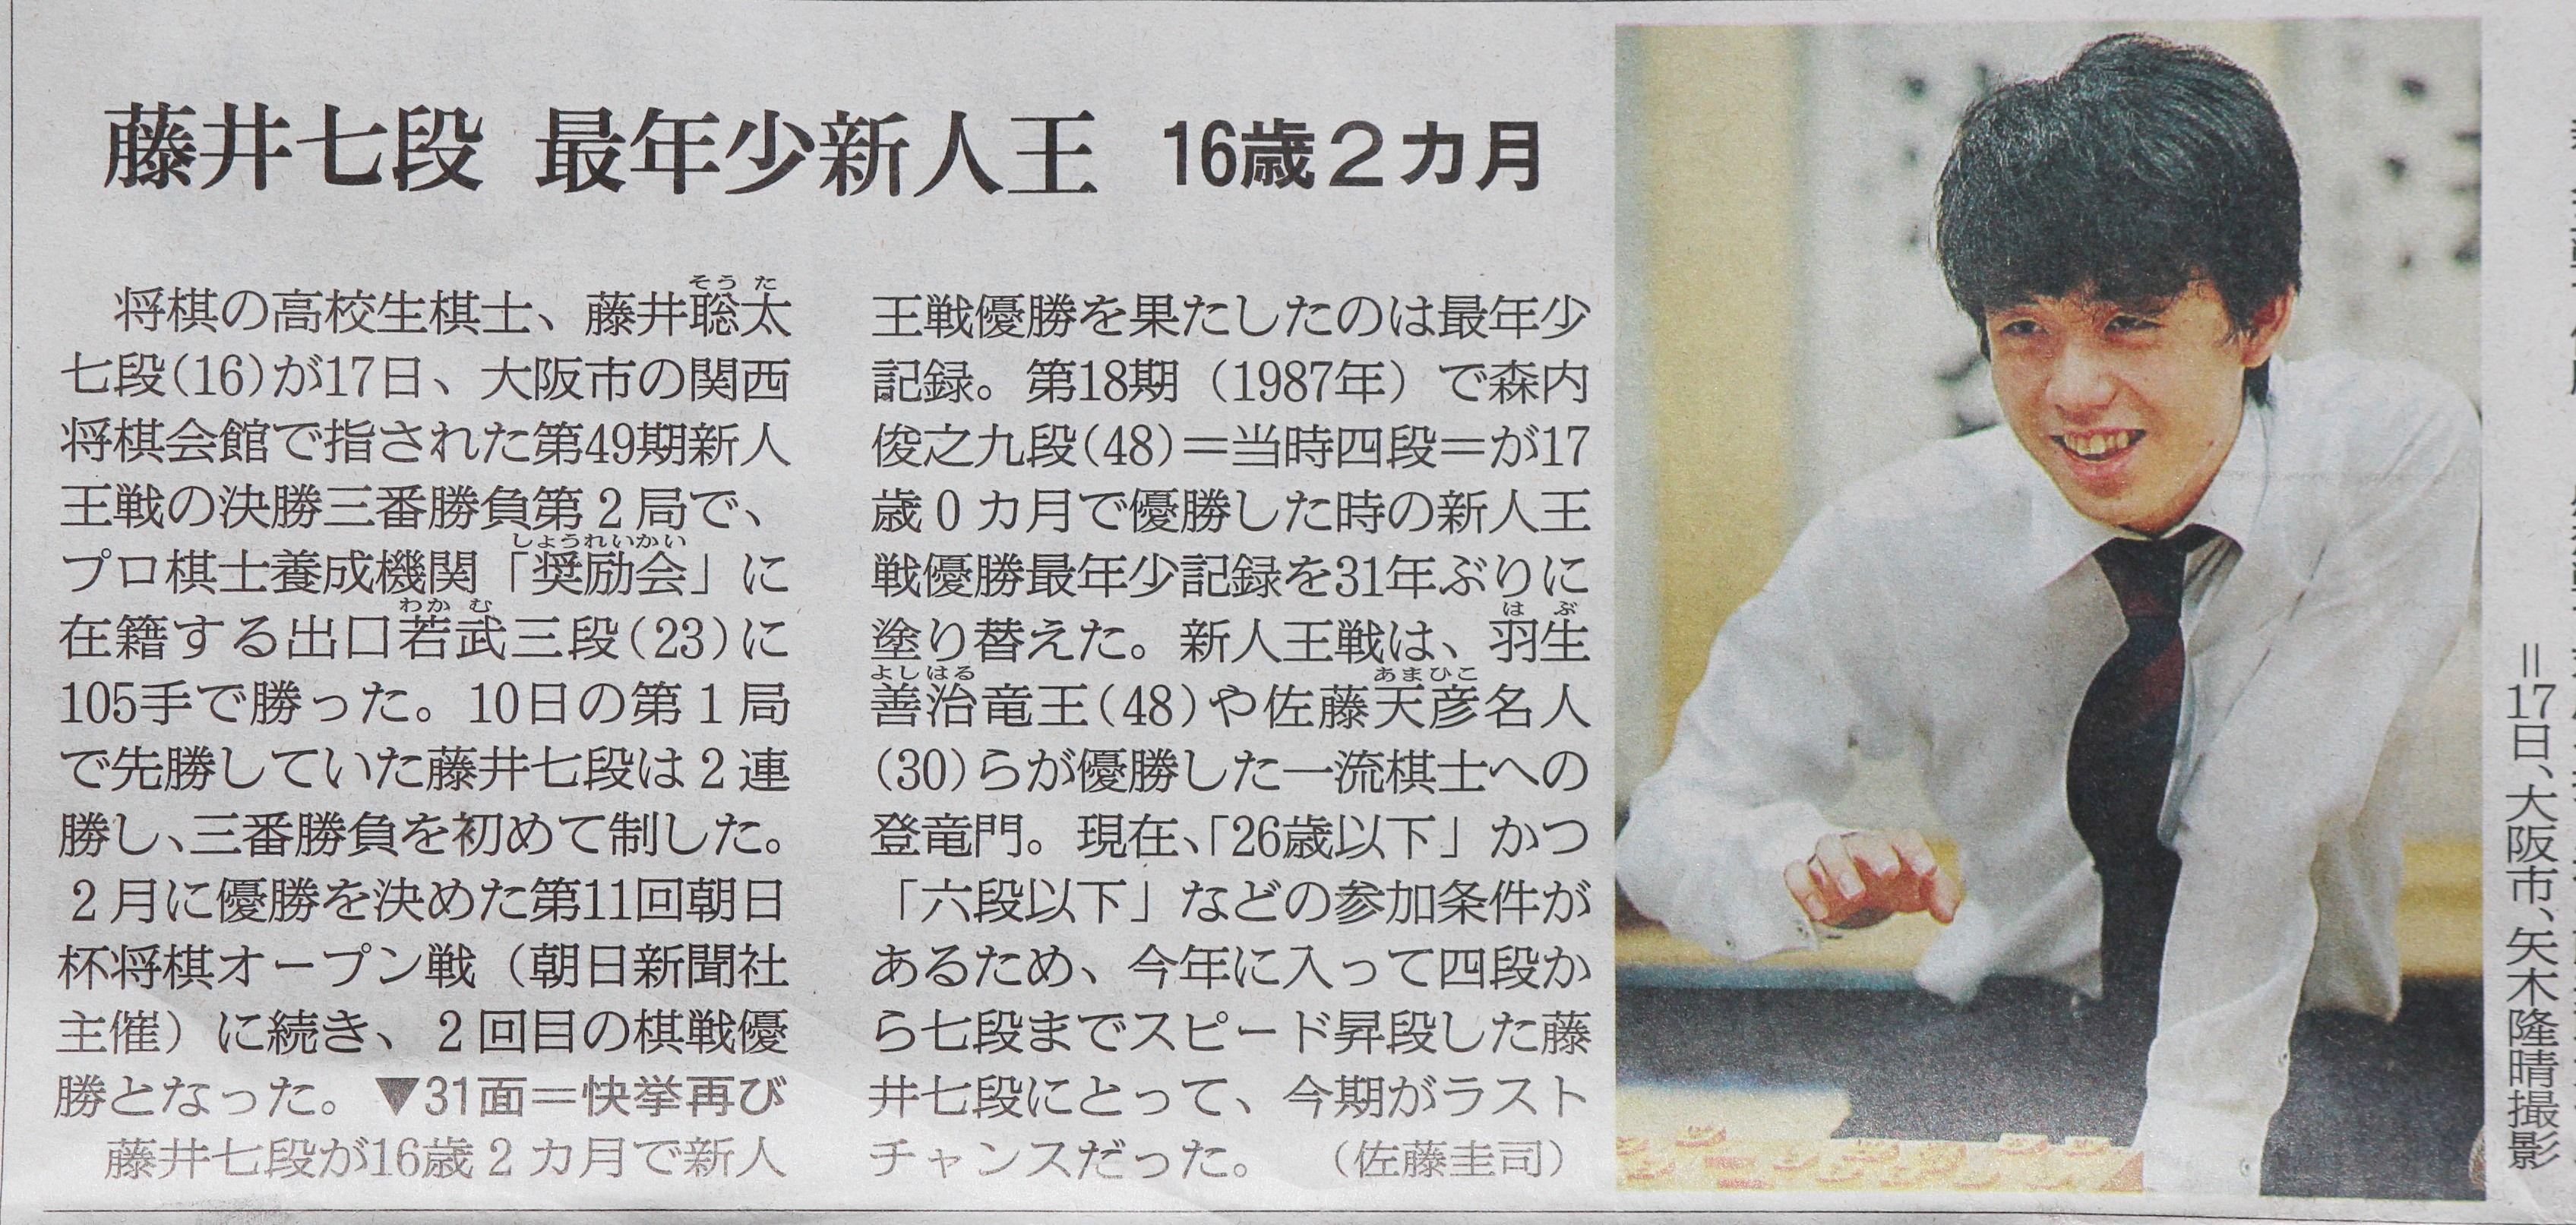 忖度 ブログ で 聡太 藤井 応援 なし を する